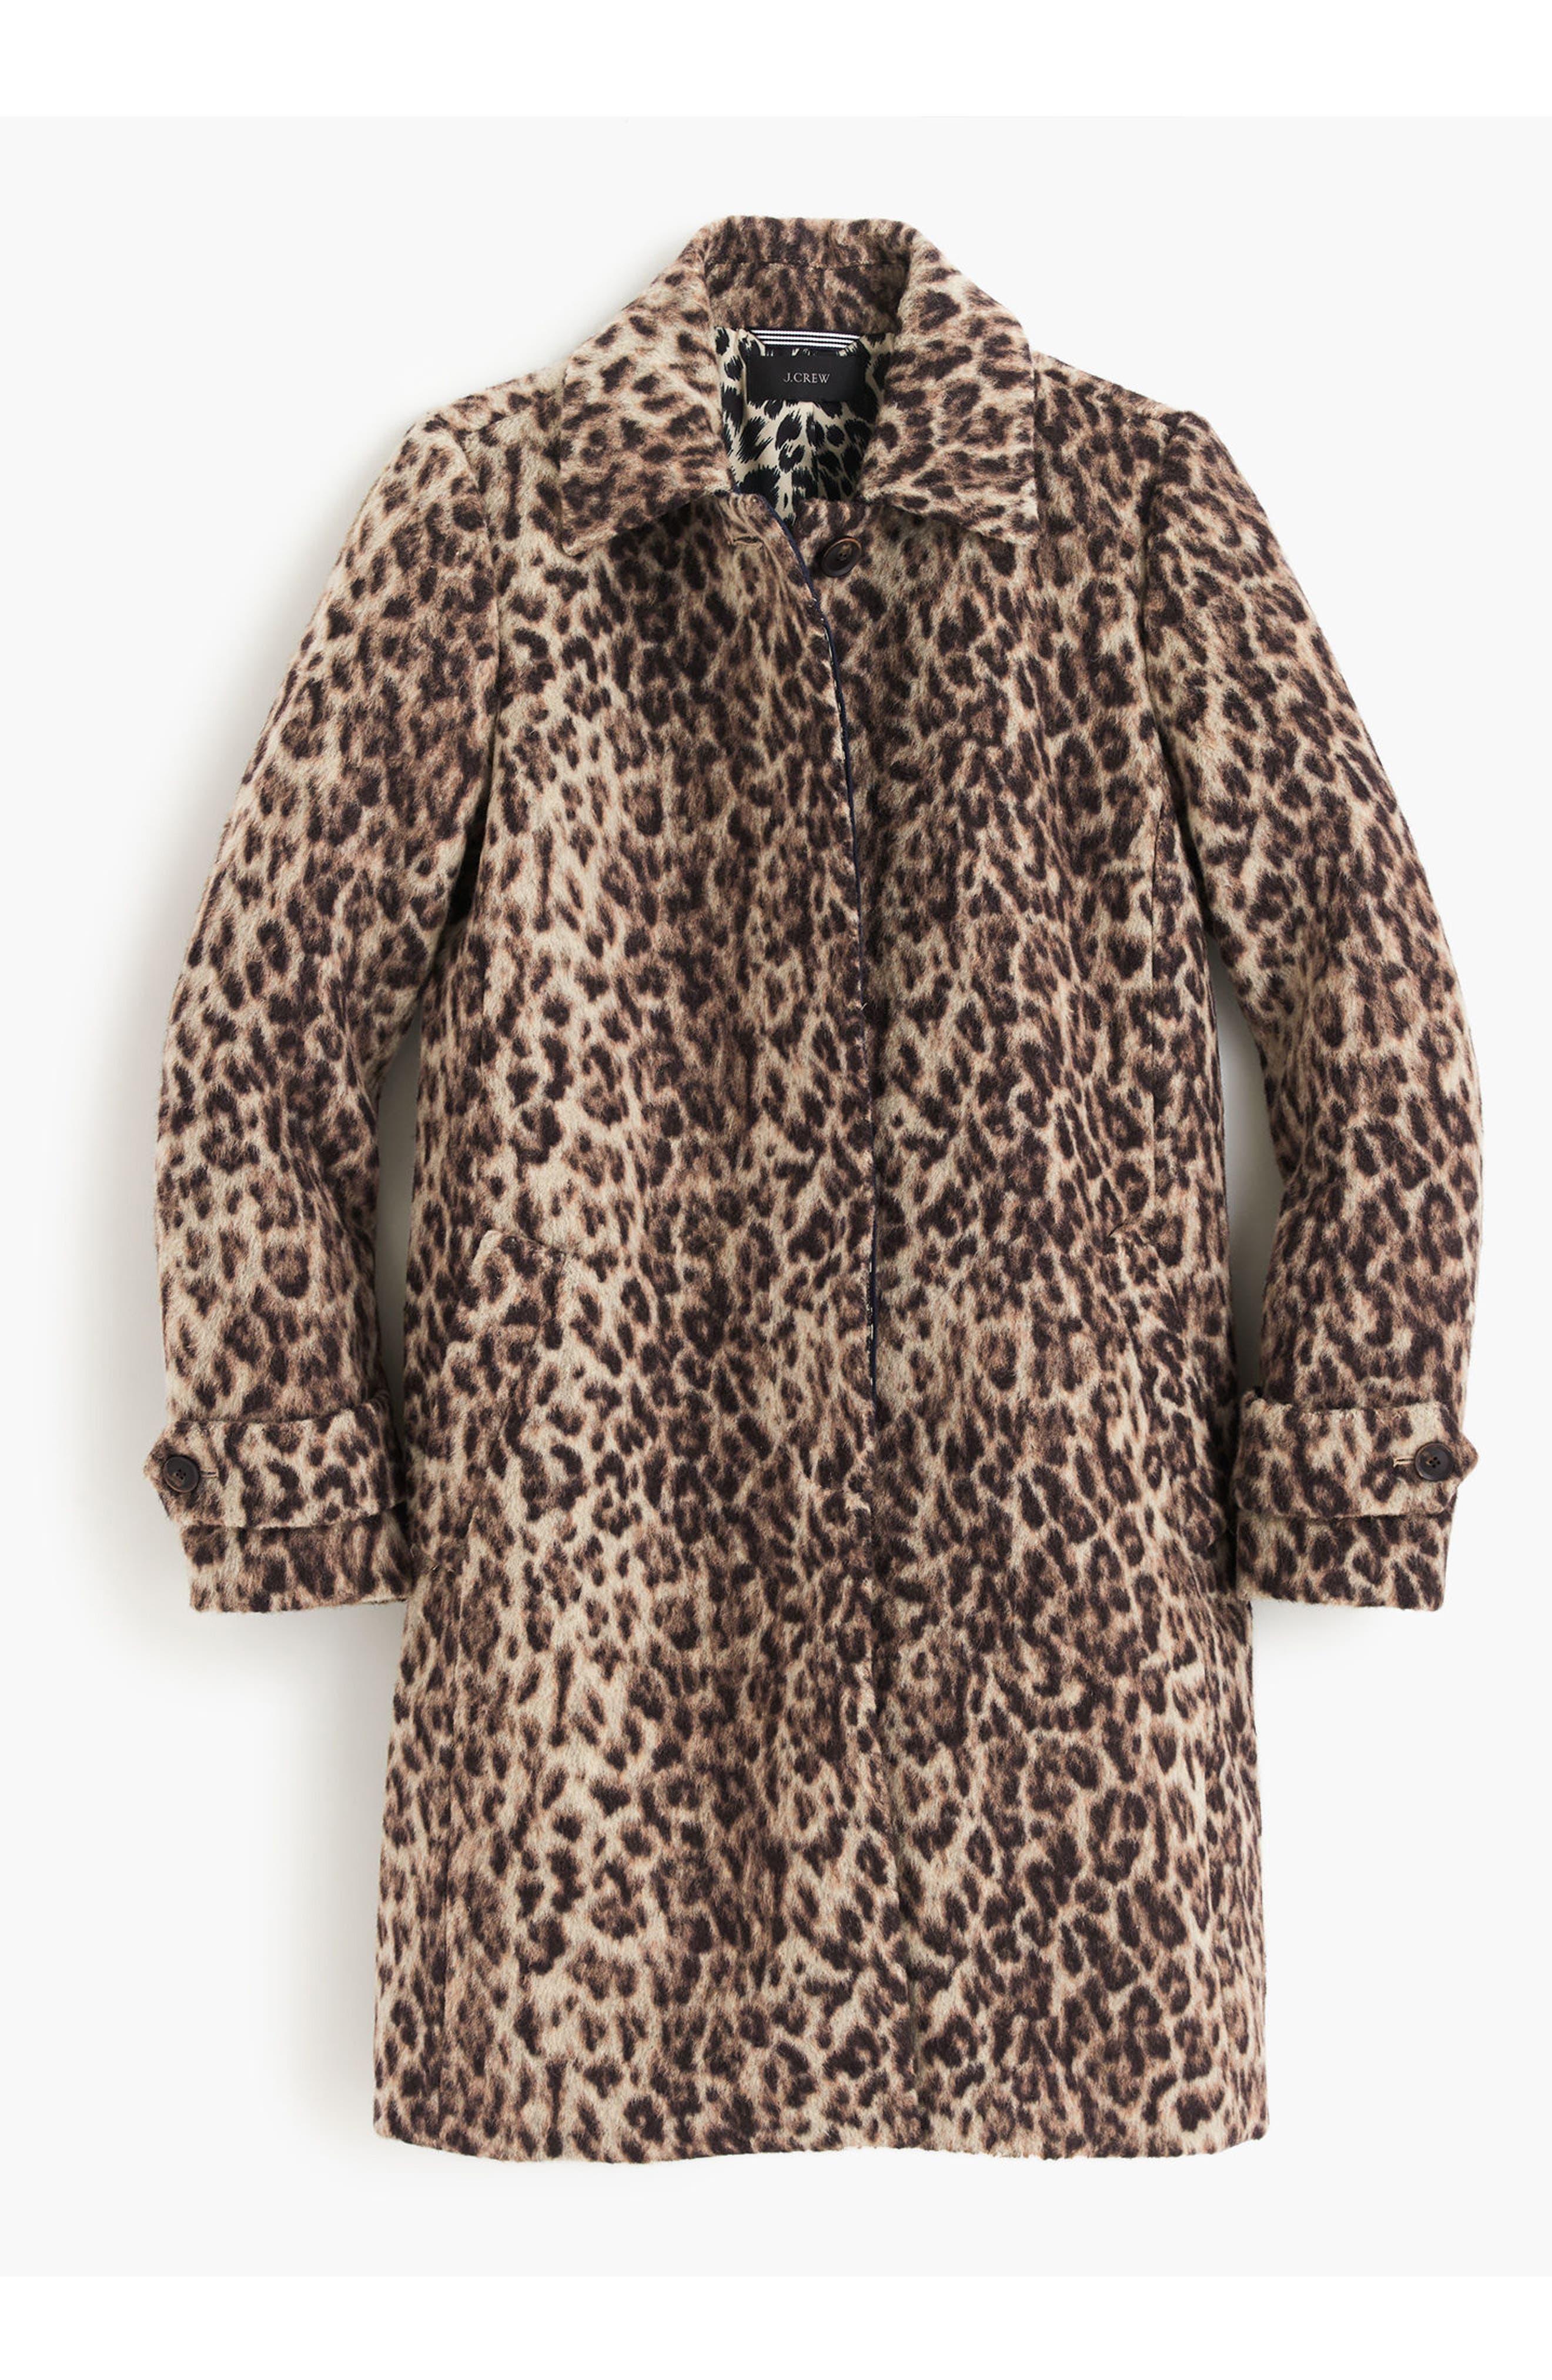 J.CREW,                             Double Leopard Topcoat,                             Alternate thumbnail 5, color,                             SNOW LEOPARD